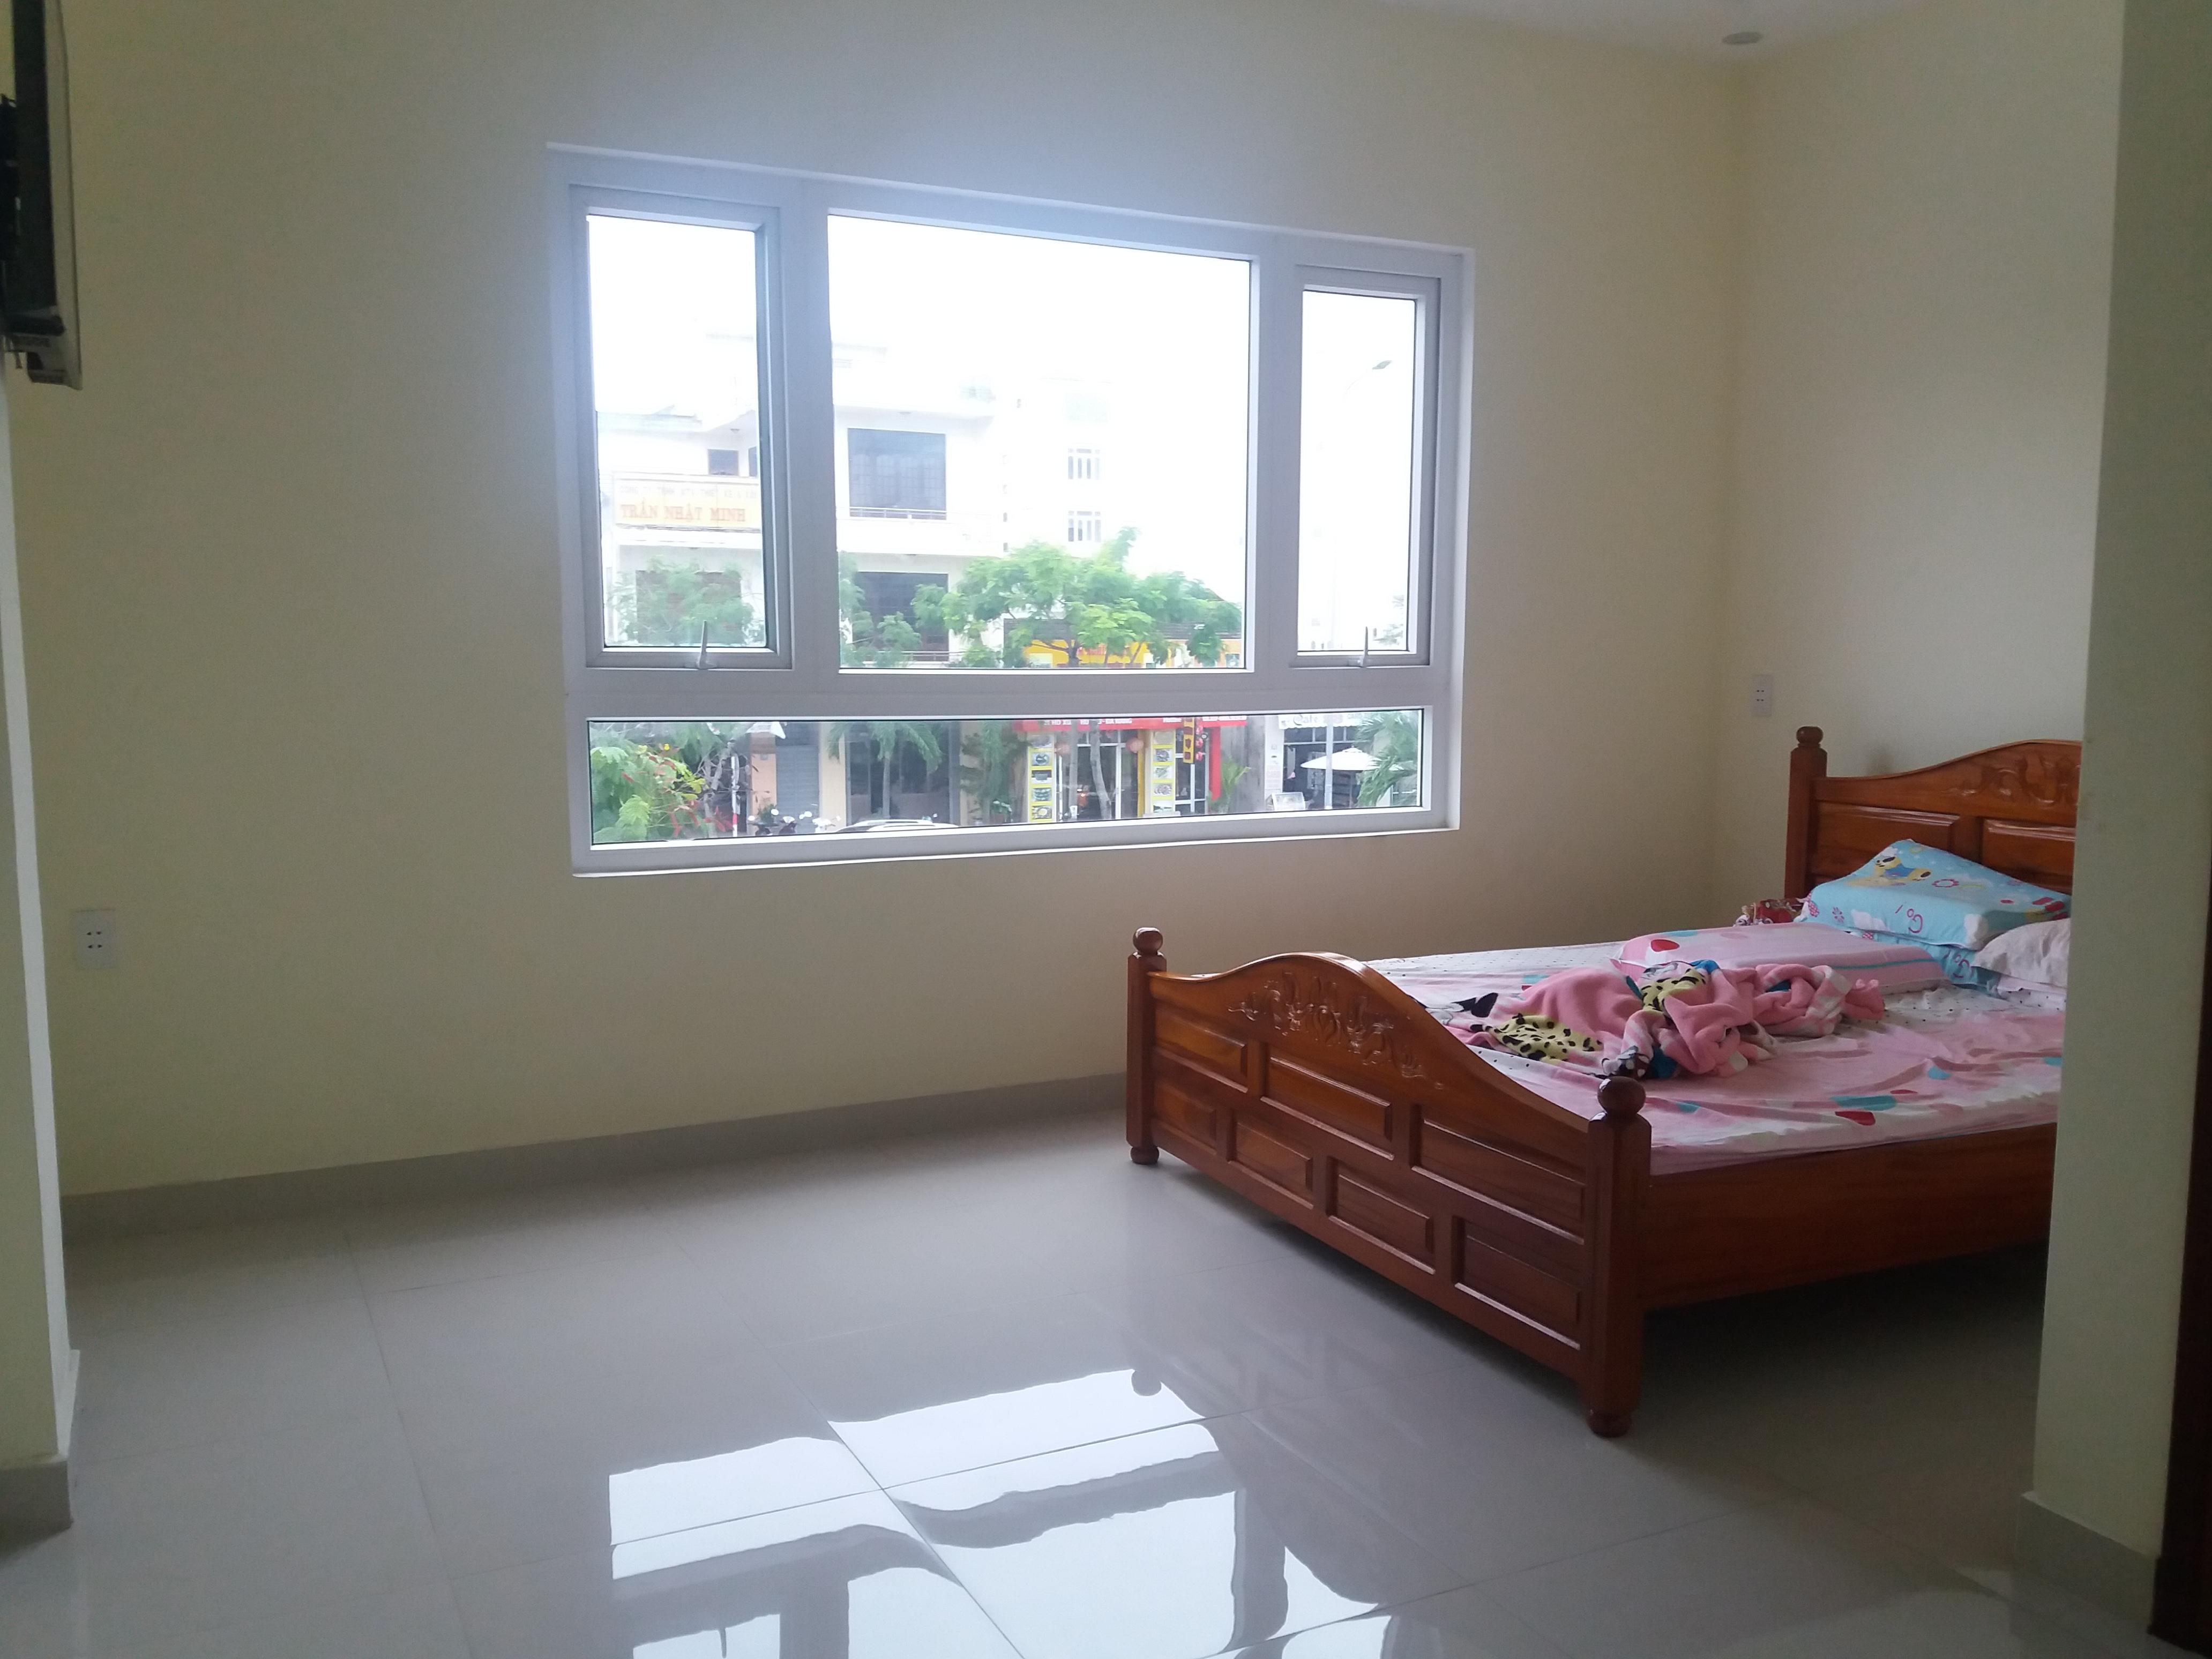 Cho thuê nhà MT đường Hồ Xuân Hương 12 phòng kinh doanh thuận tiện